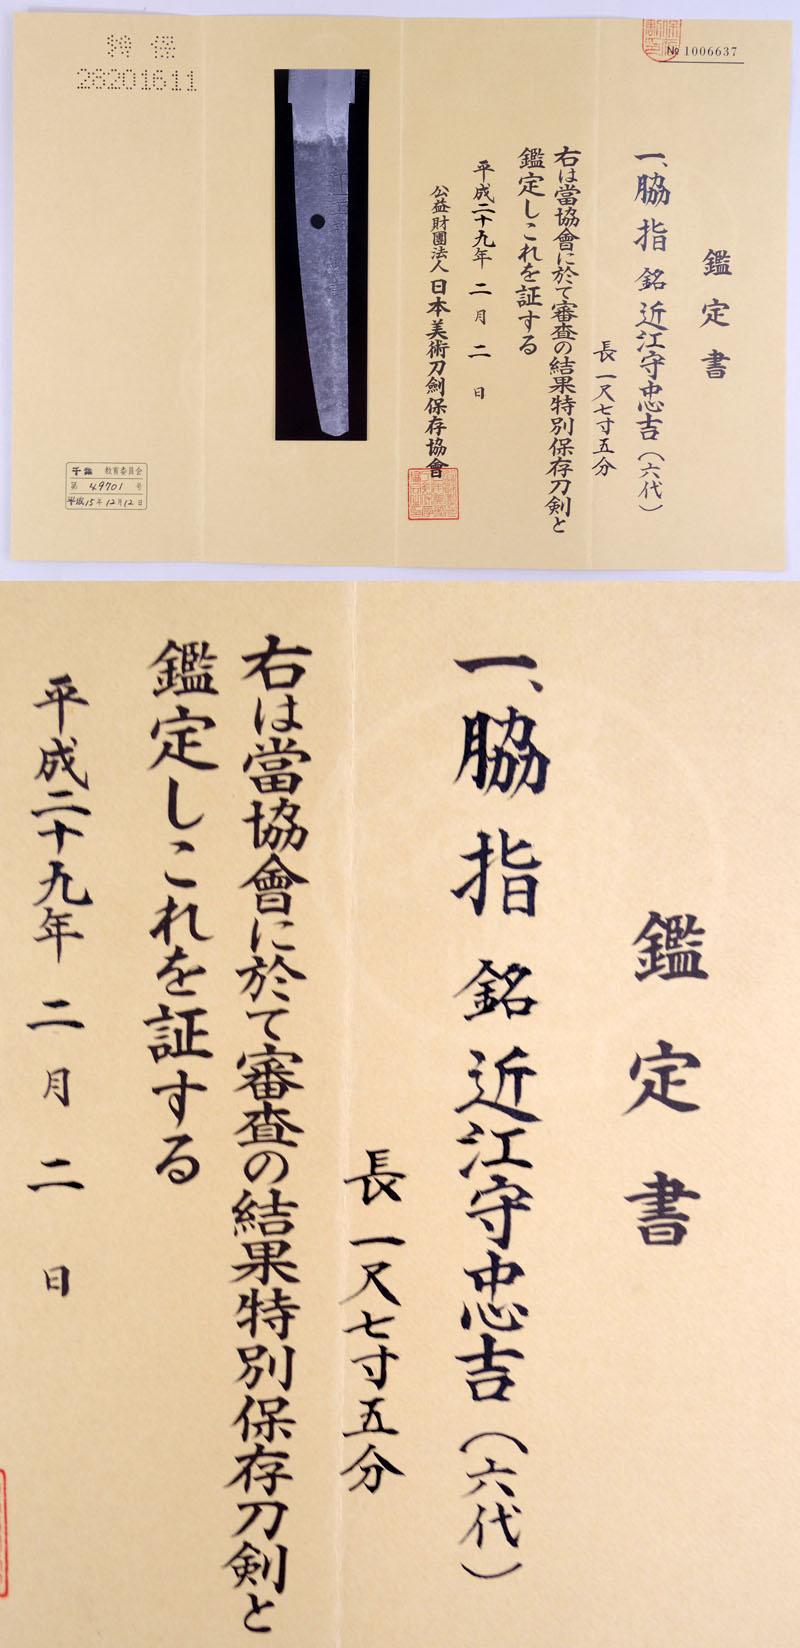 近江守忠吉(肥前国近江守忠吉 六代) Picture of Certificate